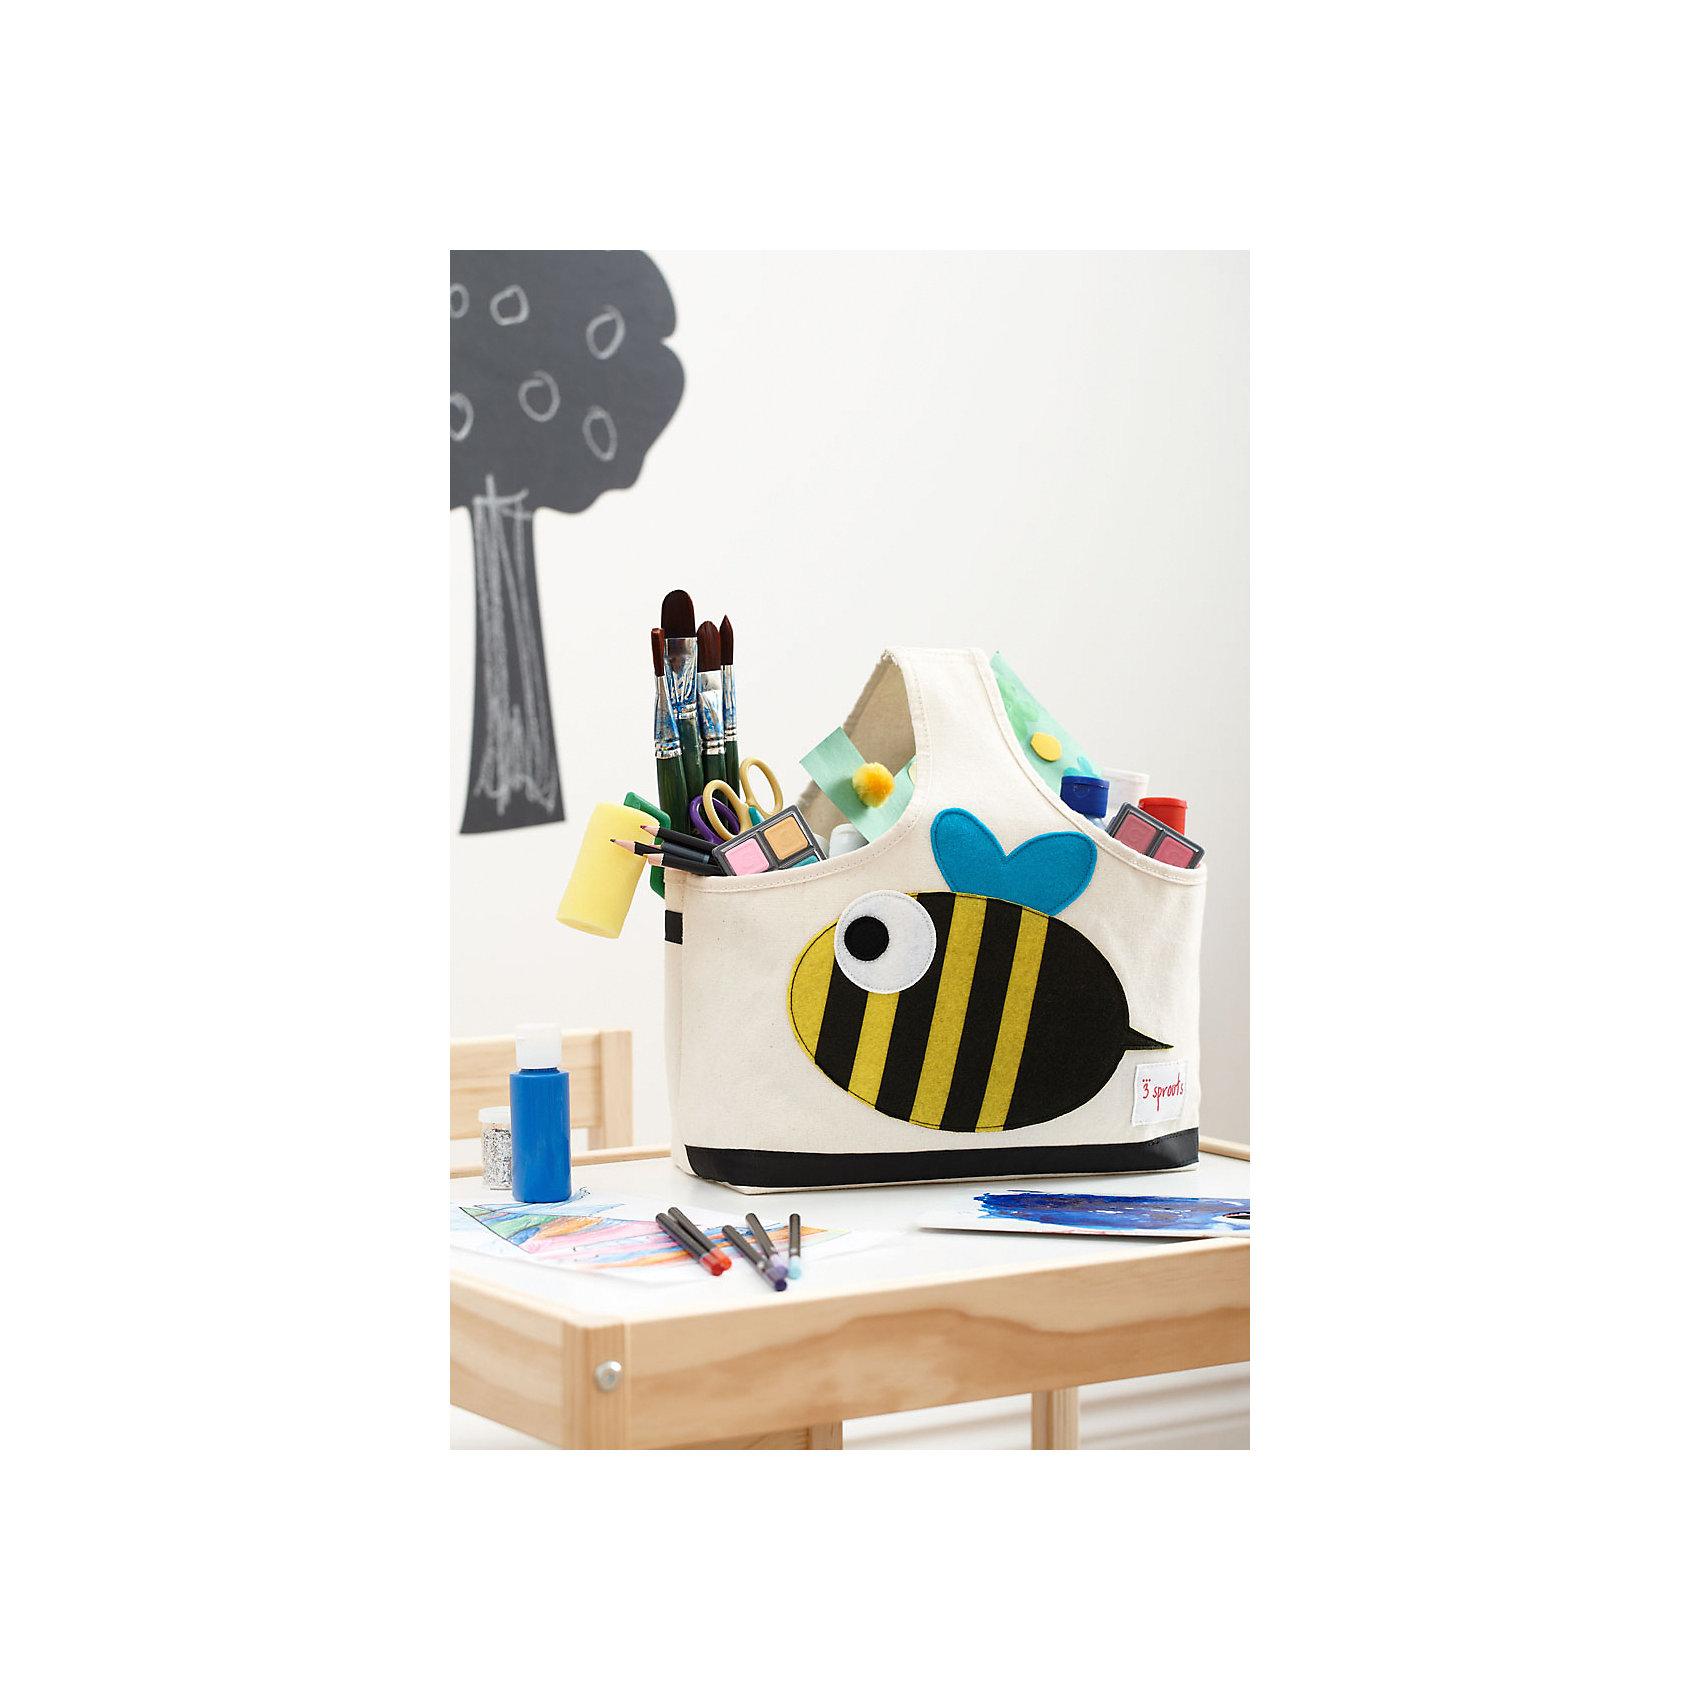 Сумочка для хранения детских принадлежностей Улитка (Red Snail), 3 Sprouts от myToys